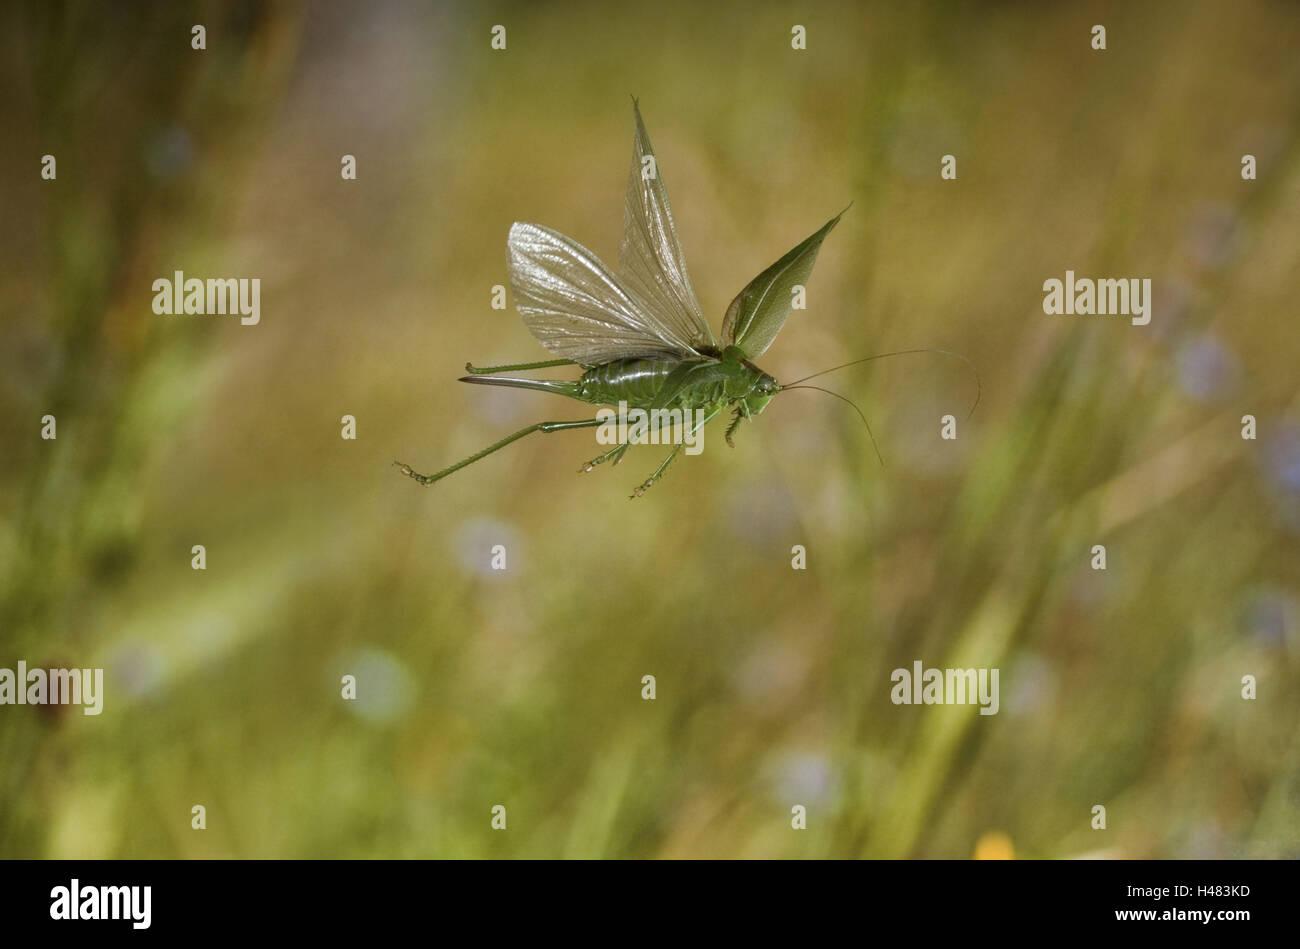 Grüne Heu Pferd, Tettigonia Viridissima, im Flug, Stockbild